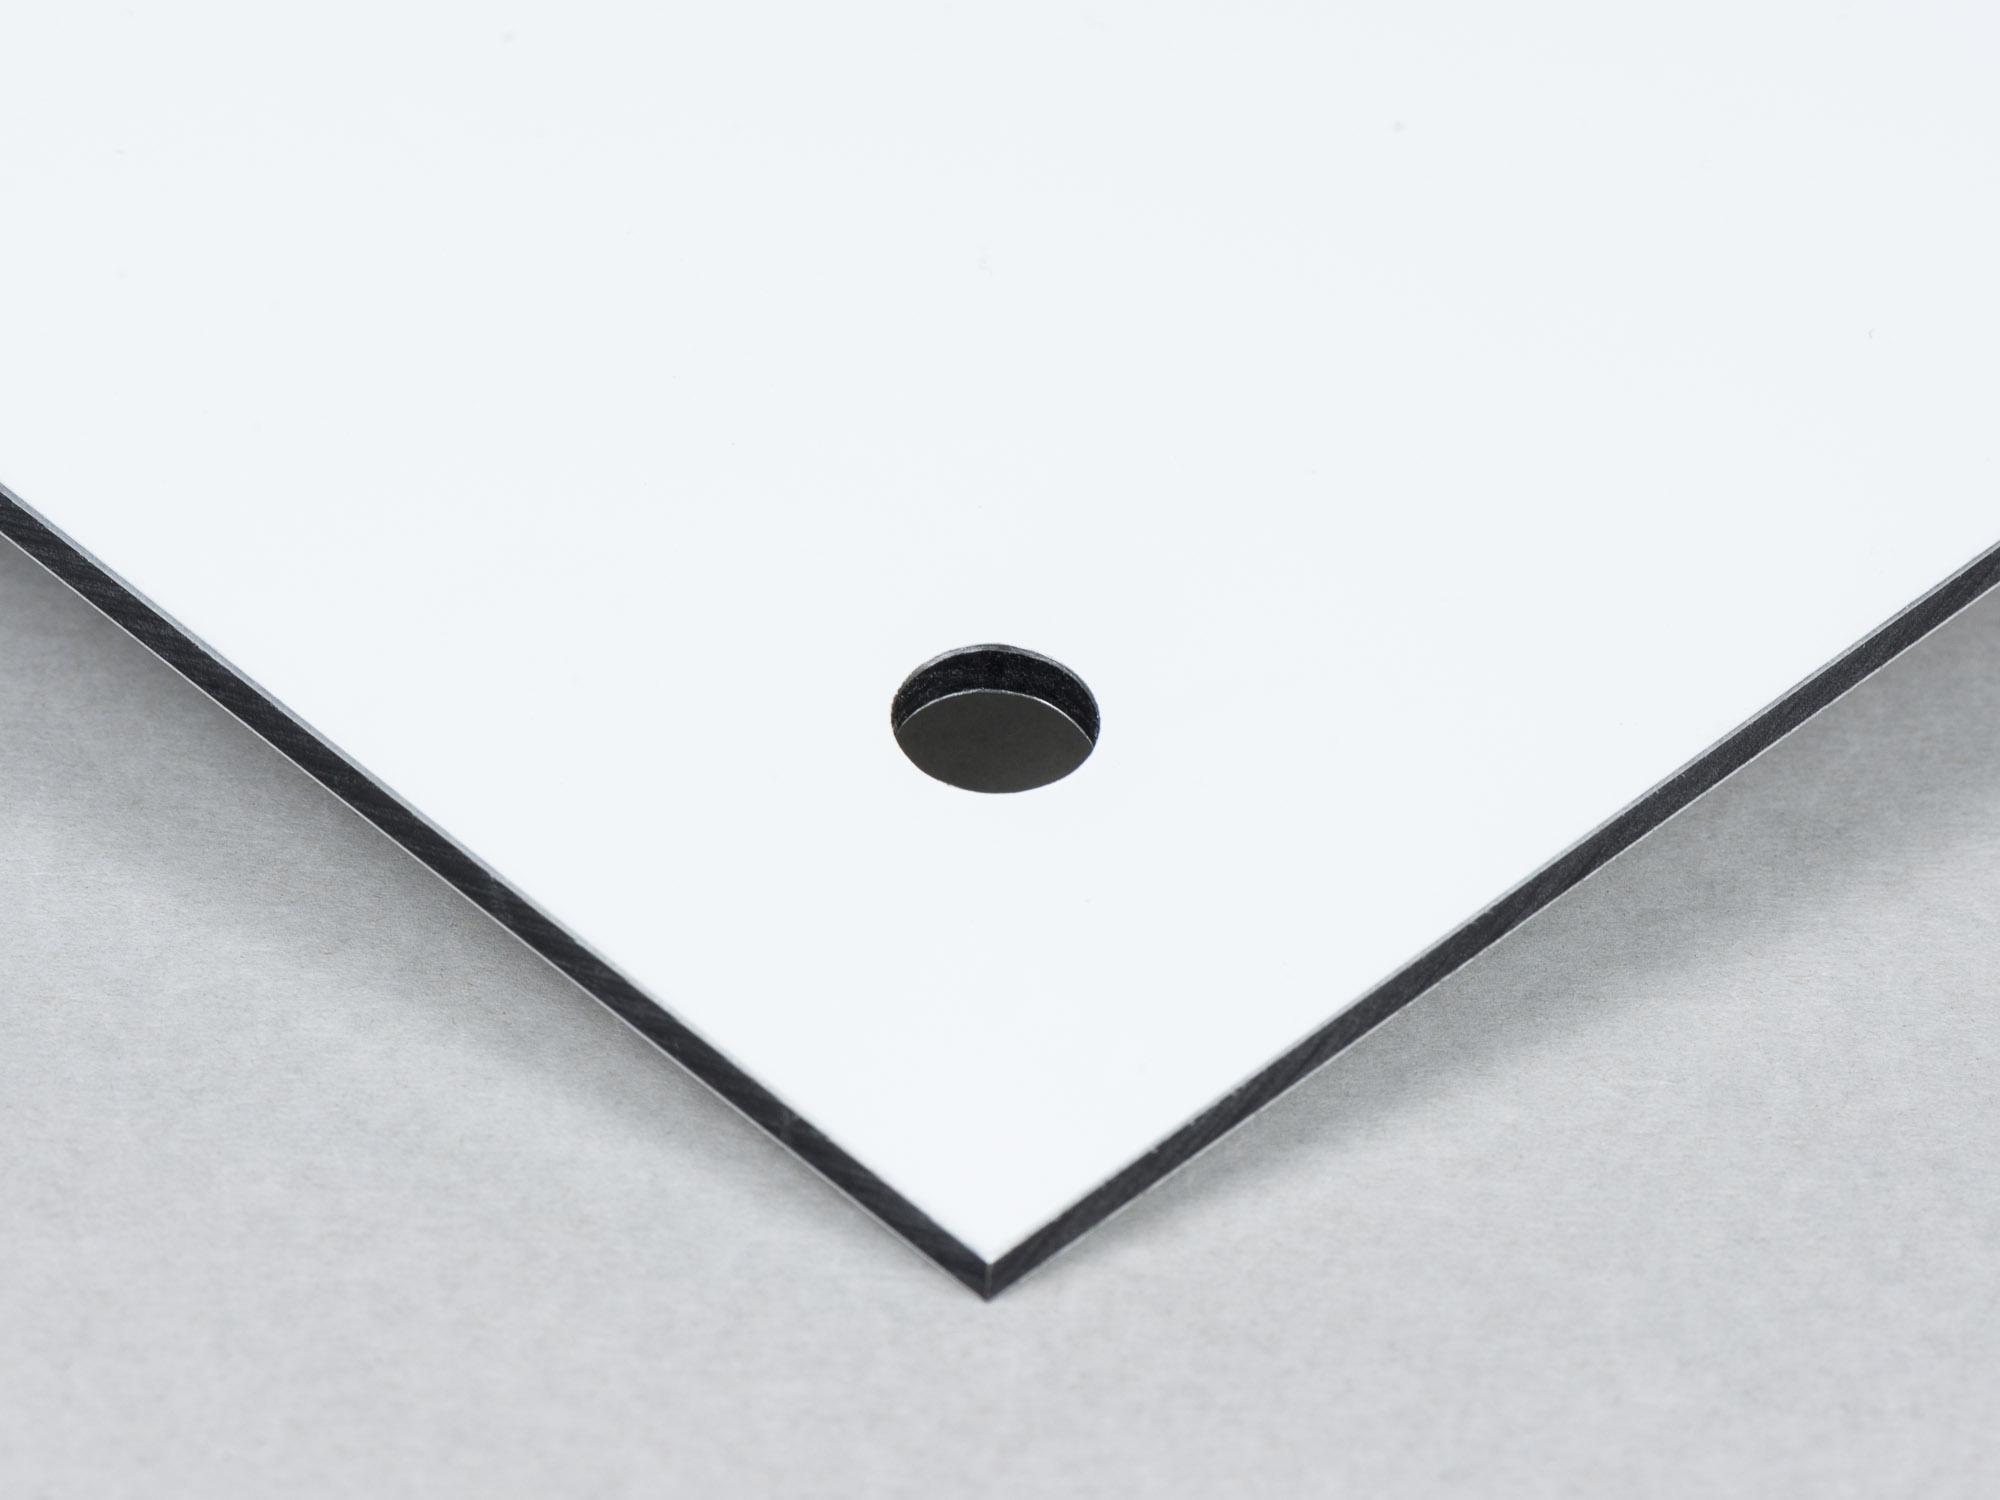 Dibond med hål utan upphängningsdistans